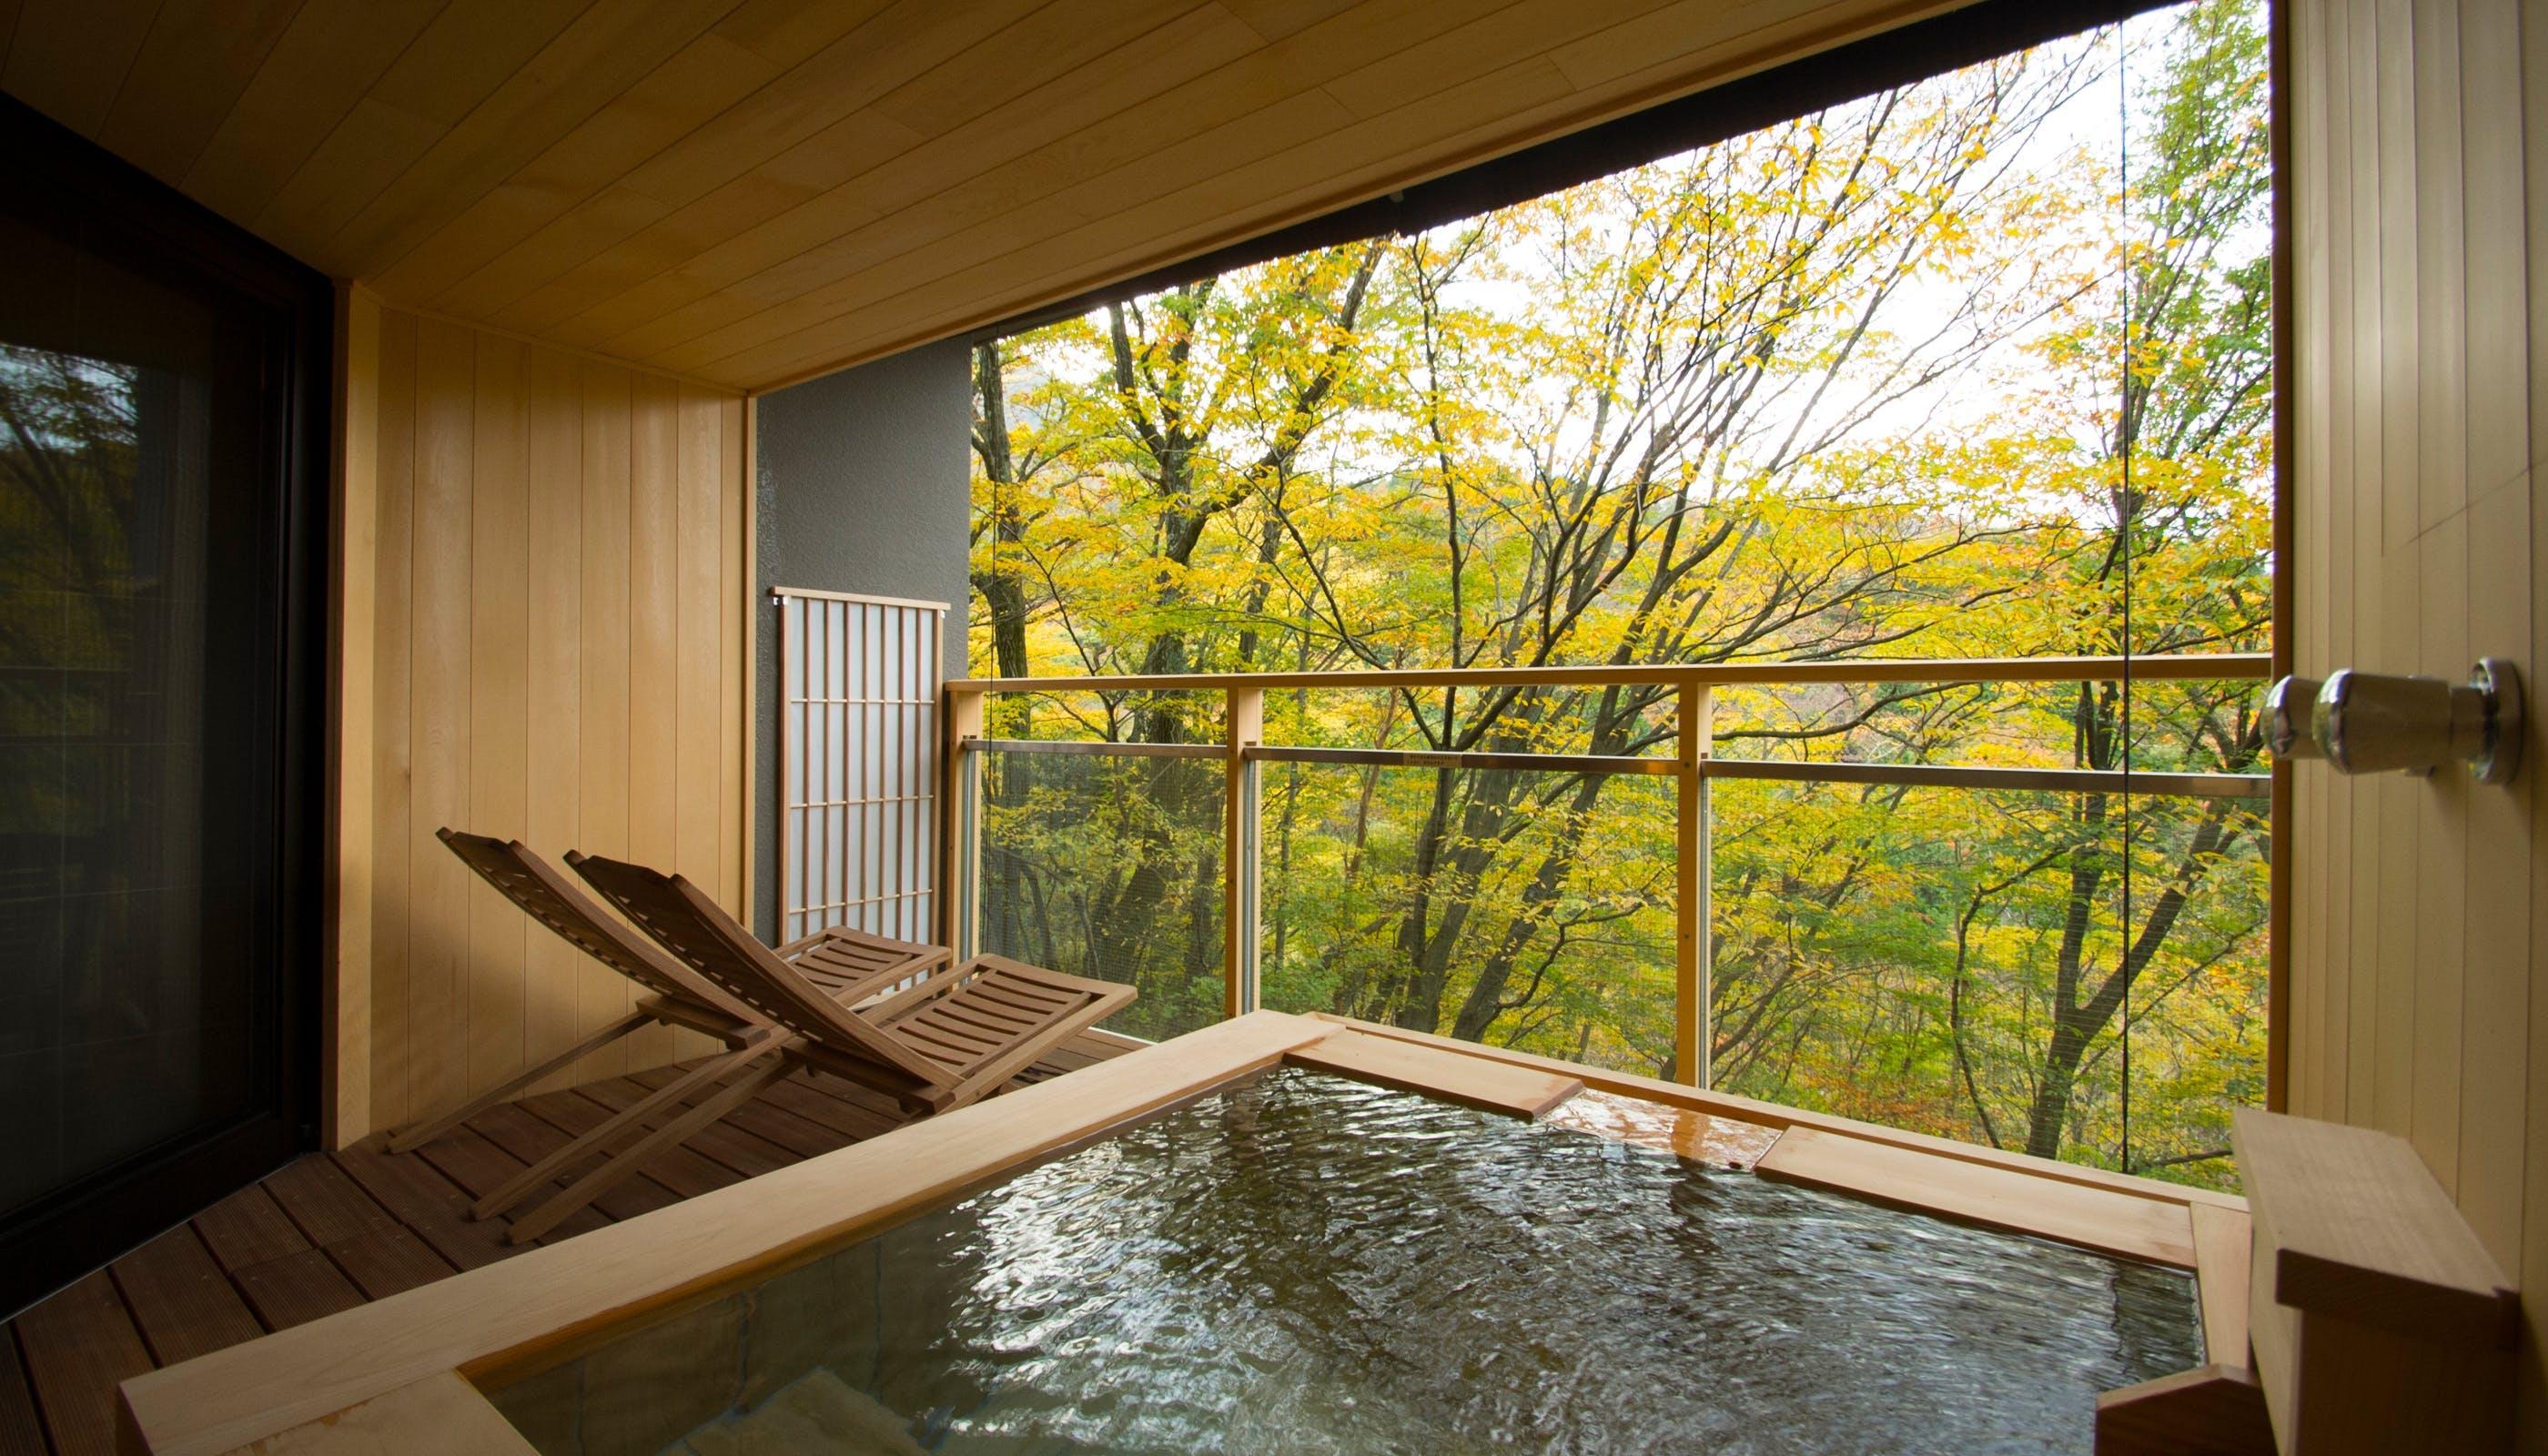 子供連れで贅沢に、露天風呂付客室で部屋食が楽しめる宿 箱根・湯河原編